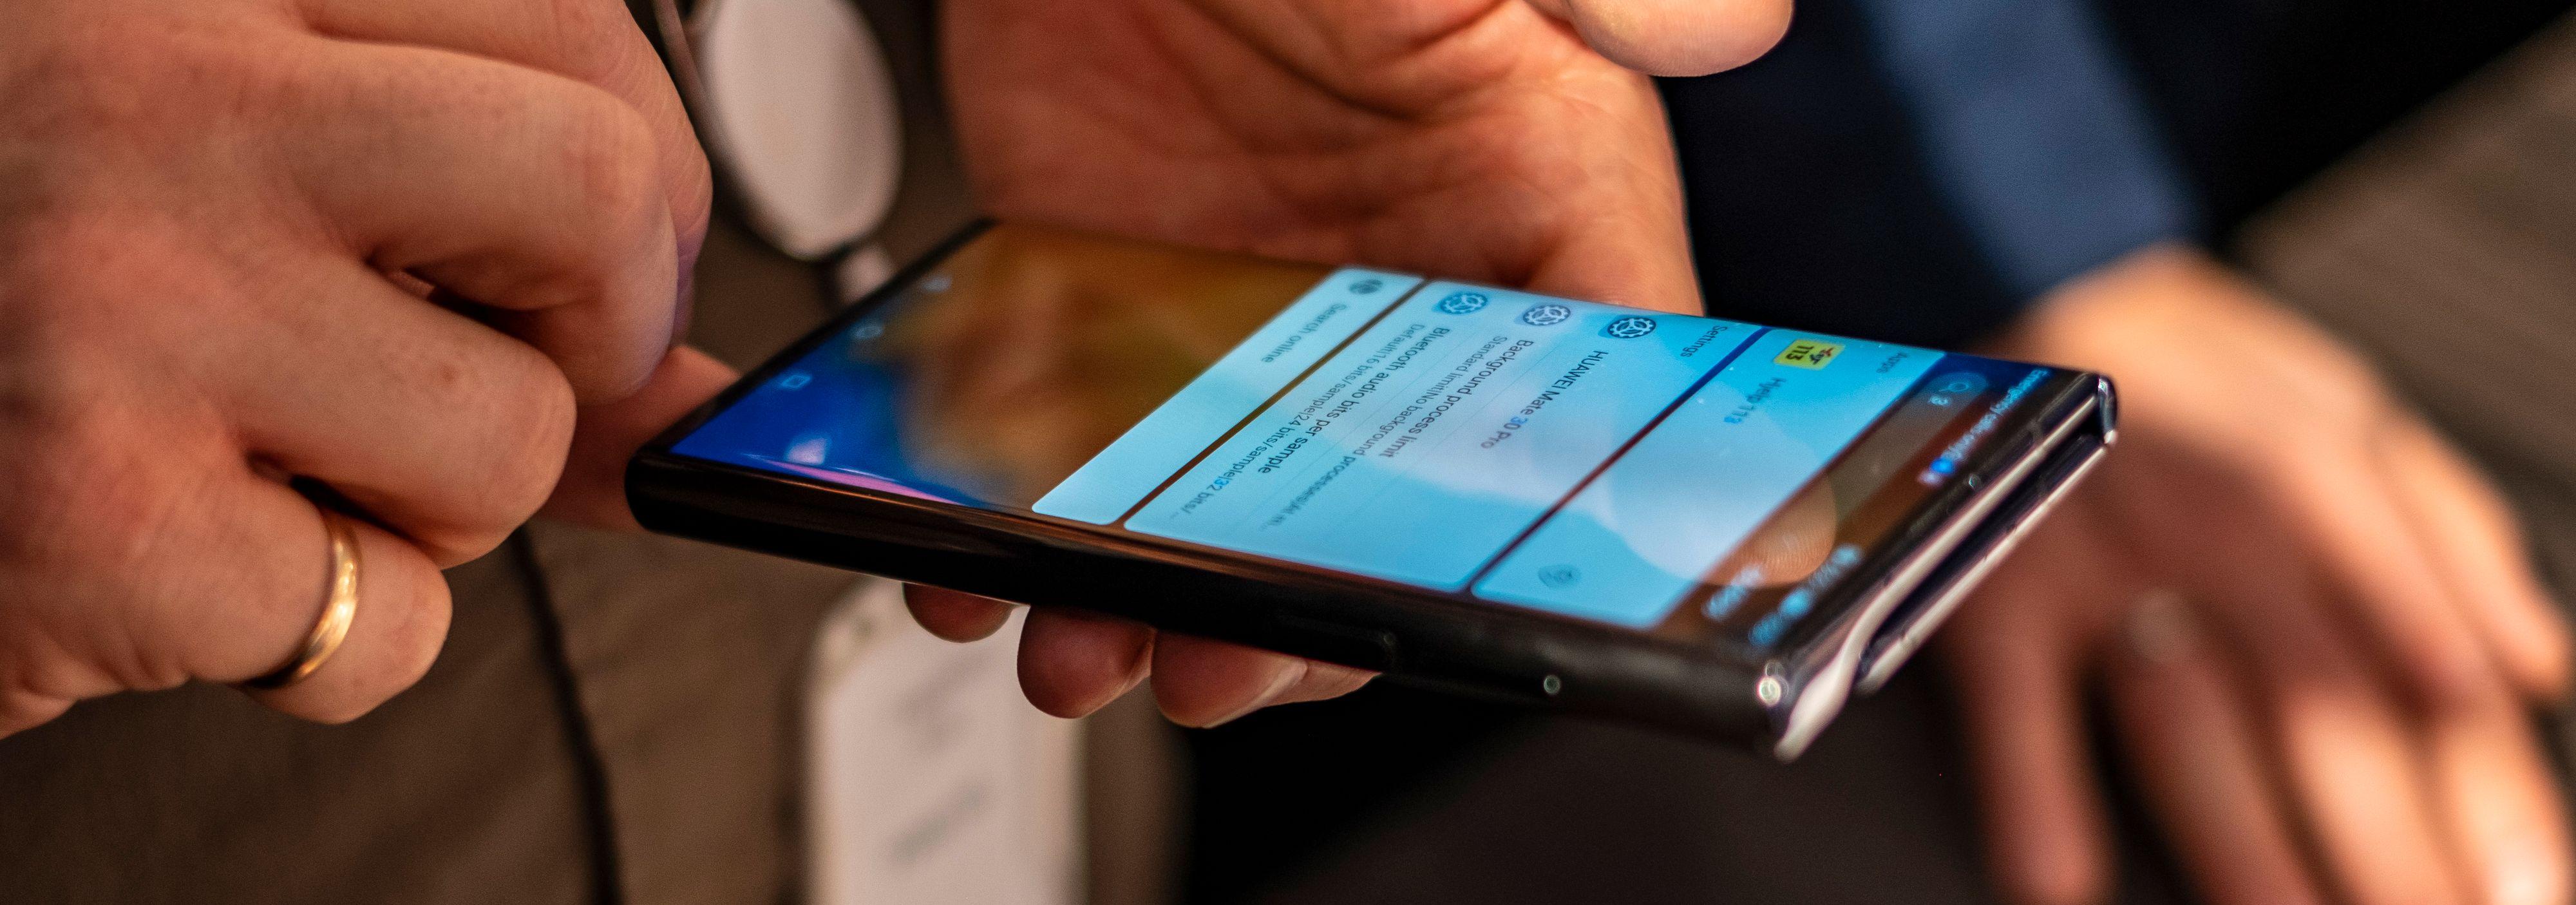 Sammenbrettet oppfører den seg nesten som en hvilken som helst annen mobiltelefon.